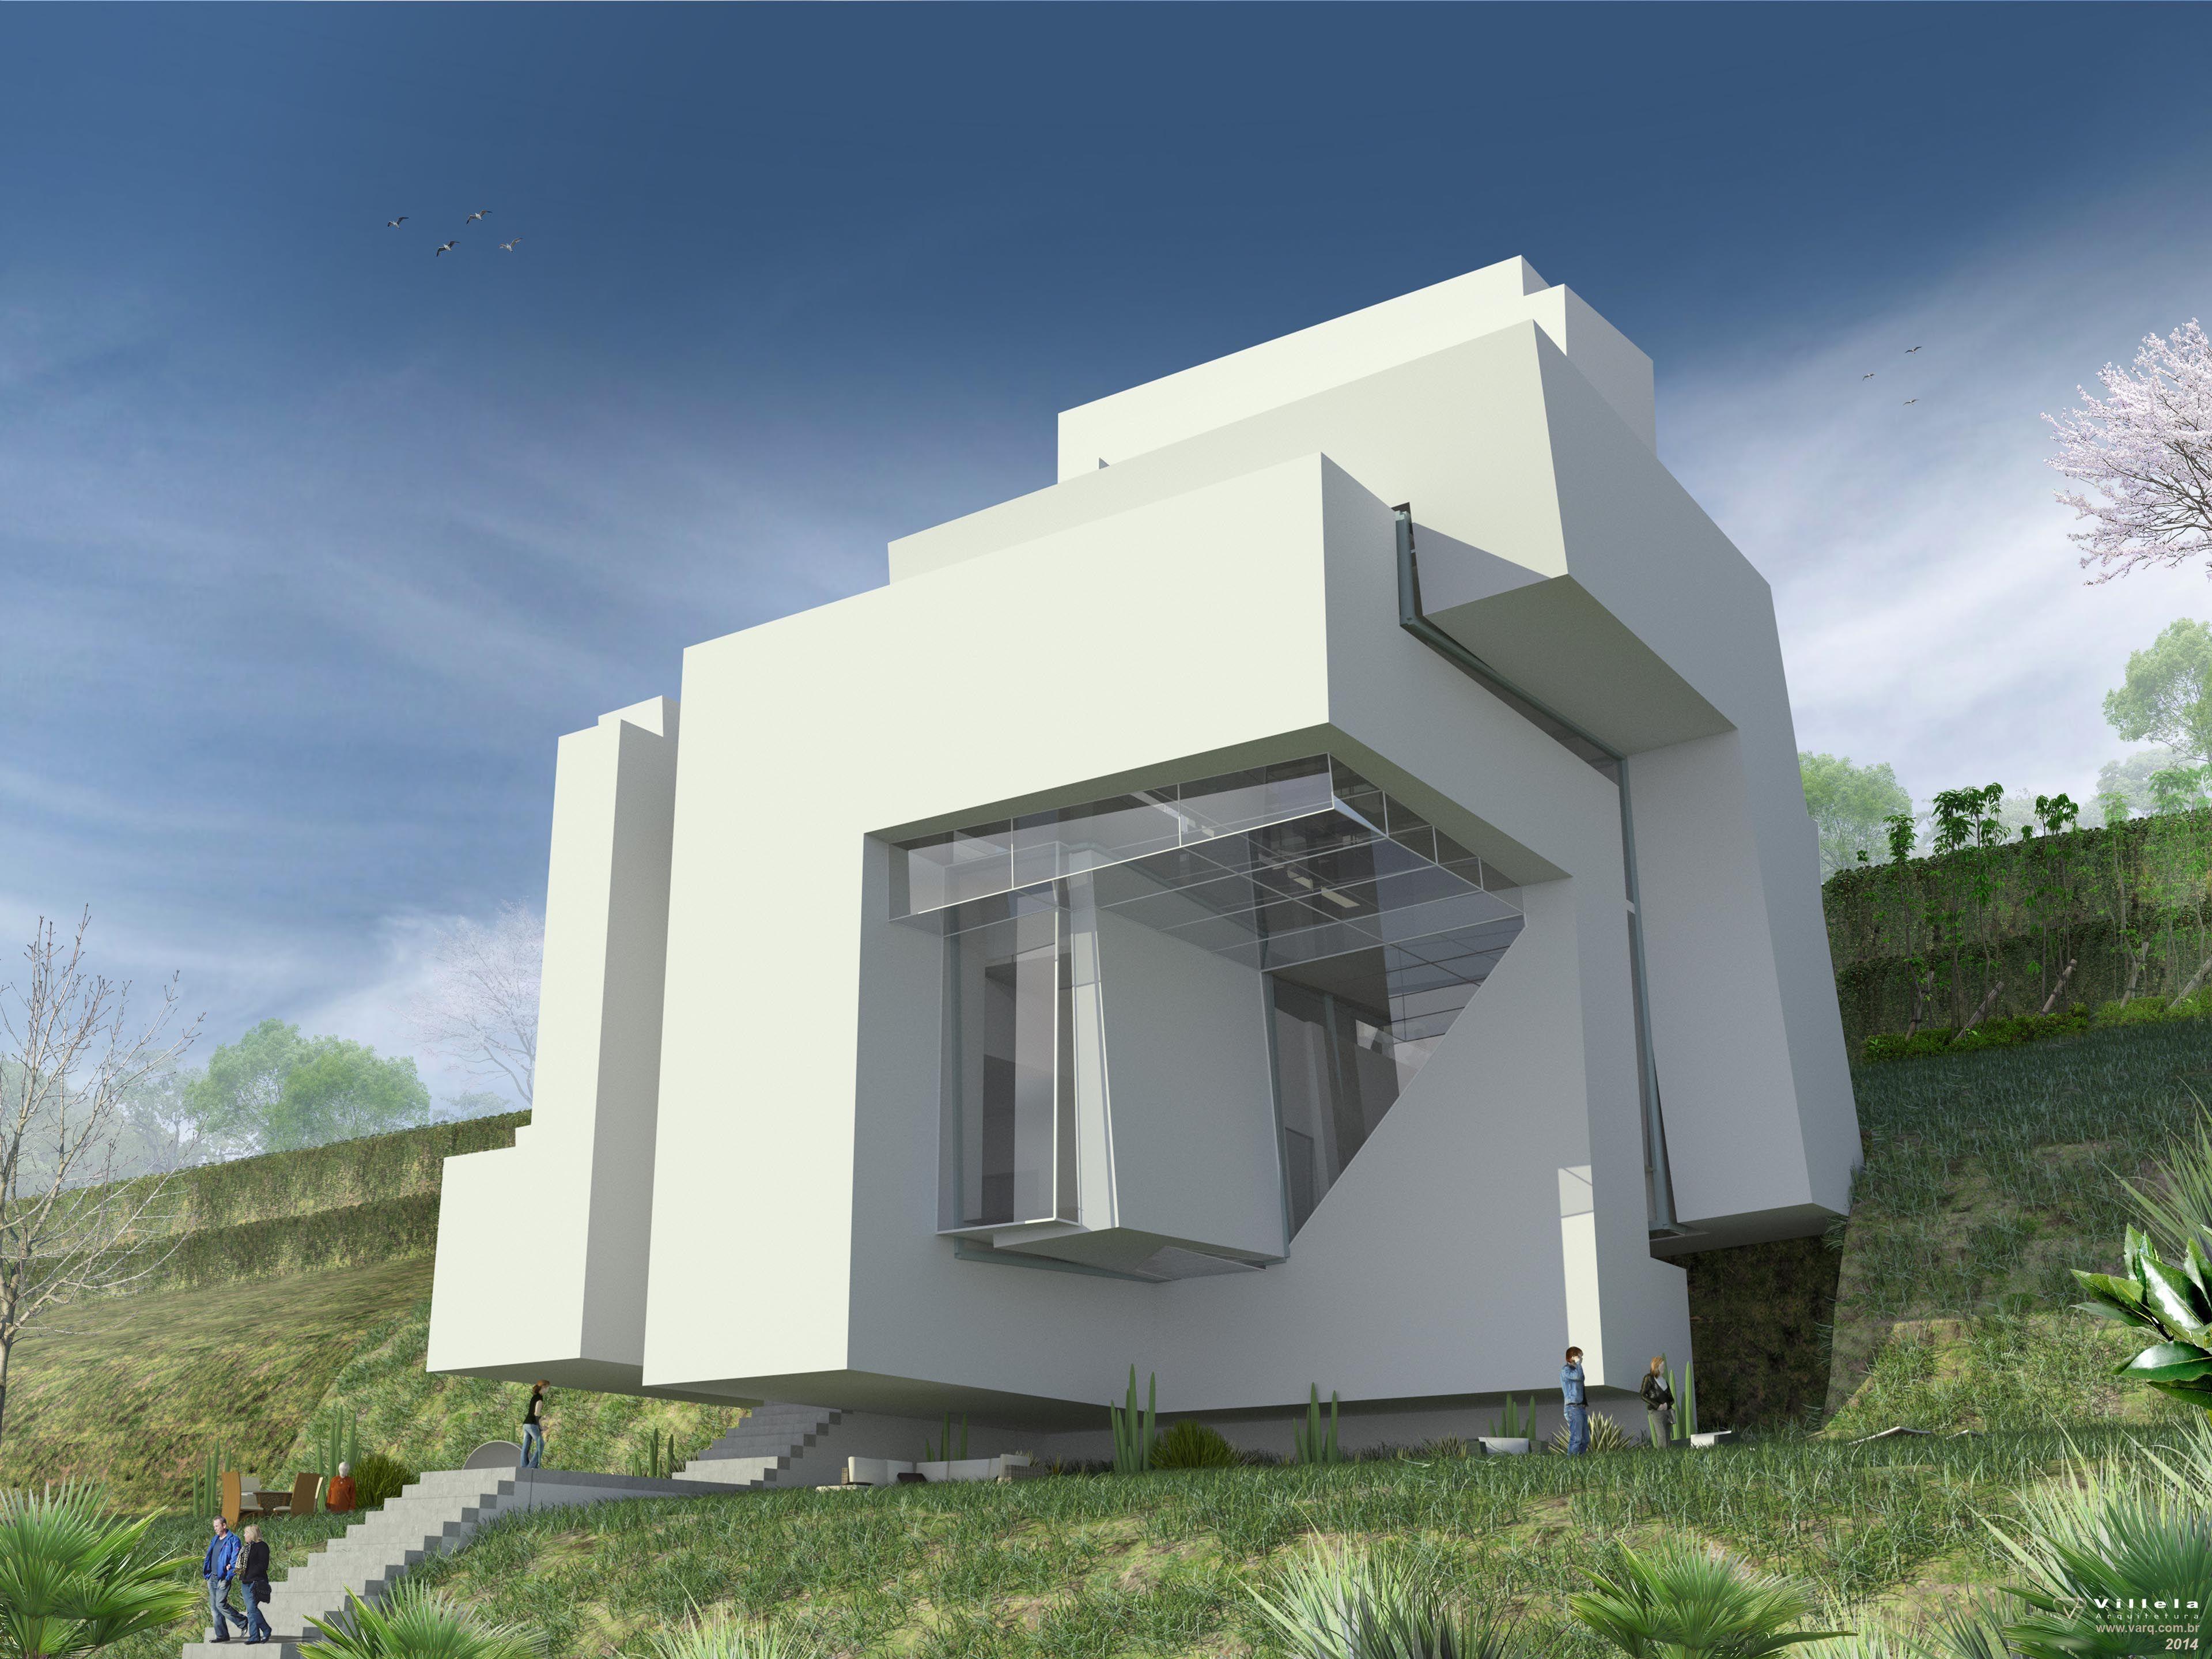 #375477 House Peter Eisenman. sempre quis fazer o 3D fiel desta casa  3839x2879 píxeis em Criar Casas 3d